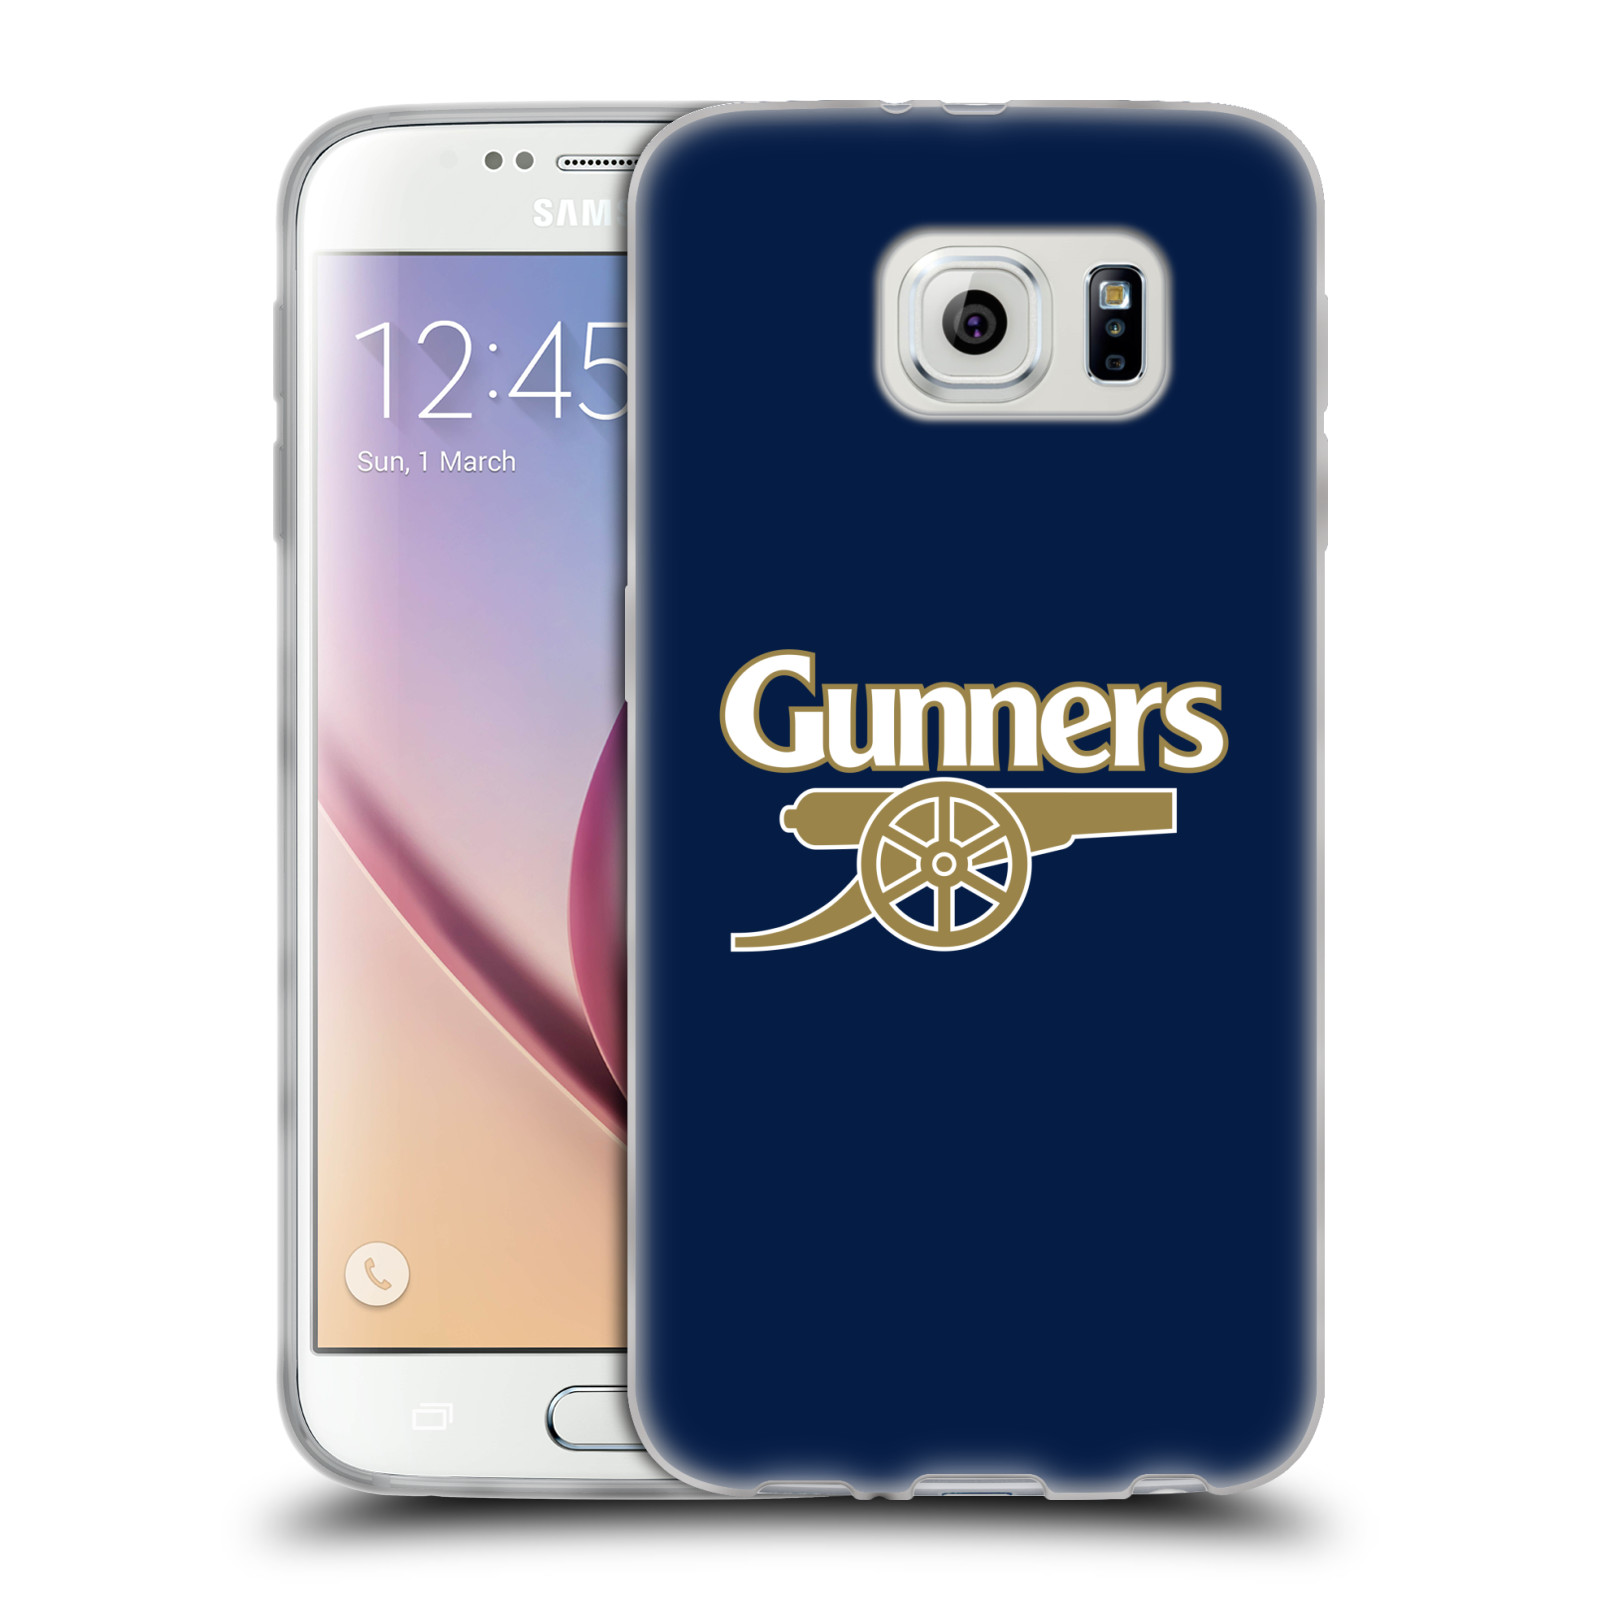 Silikonové pouzdro na mobil Samsung Galaxy S6 - Head Case - Arsenal FC - Gunners